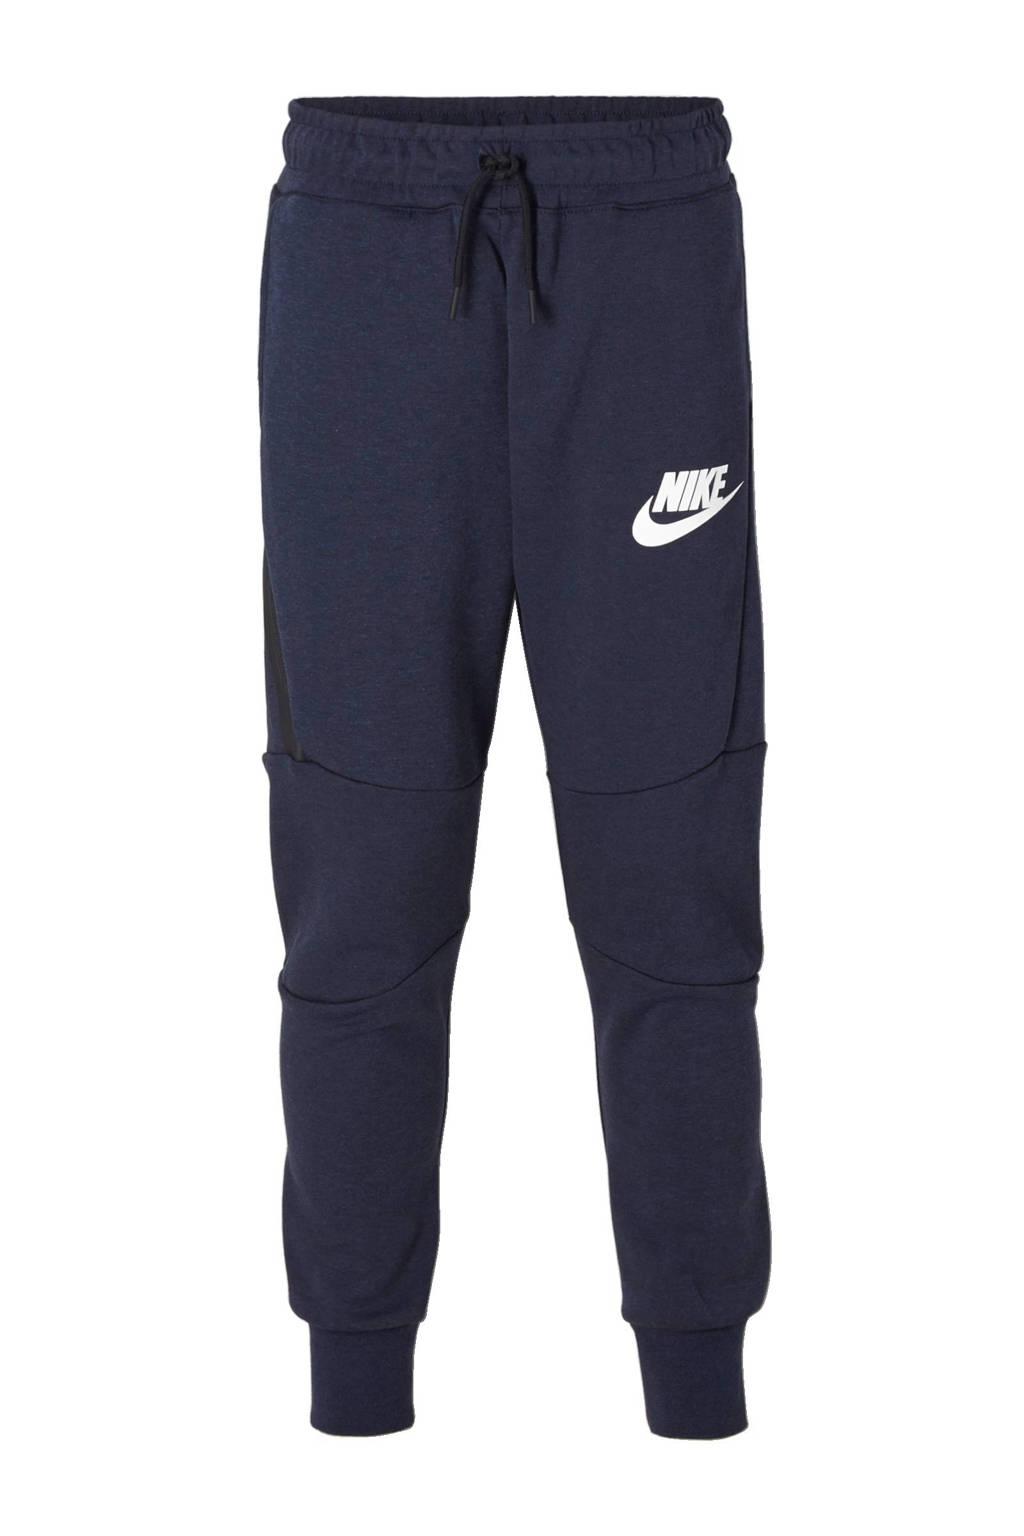 Joggingbroek Voor Jongens.Nike Tech Fleece Joggingbroek Wehkamp